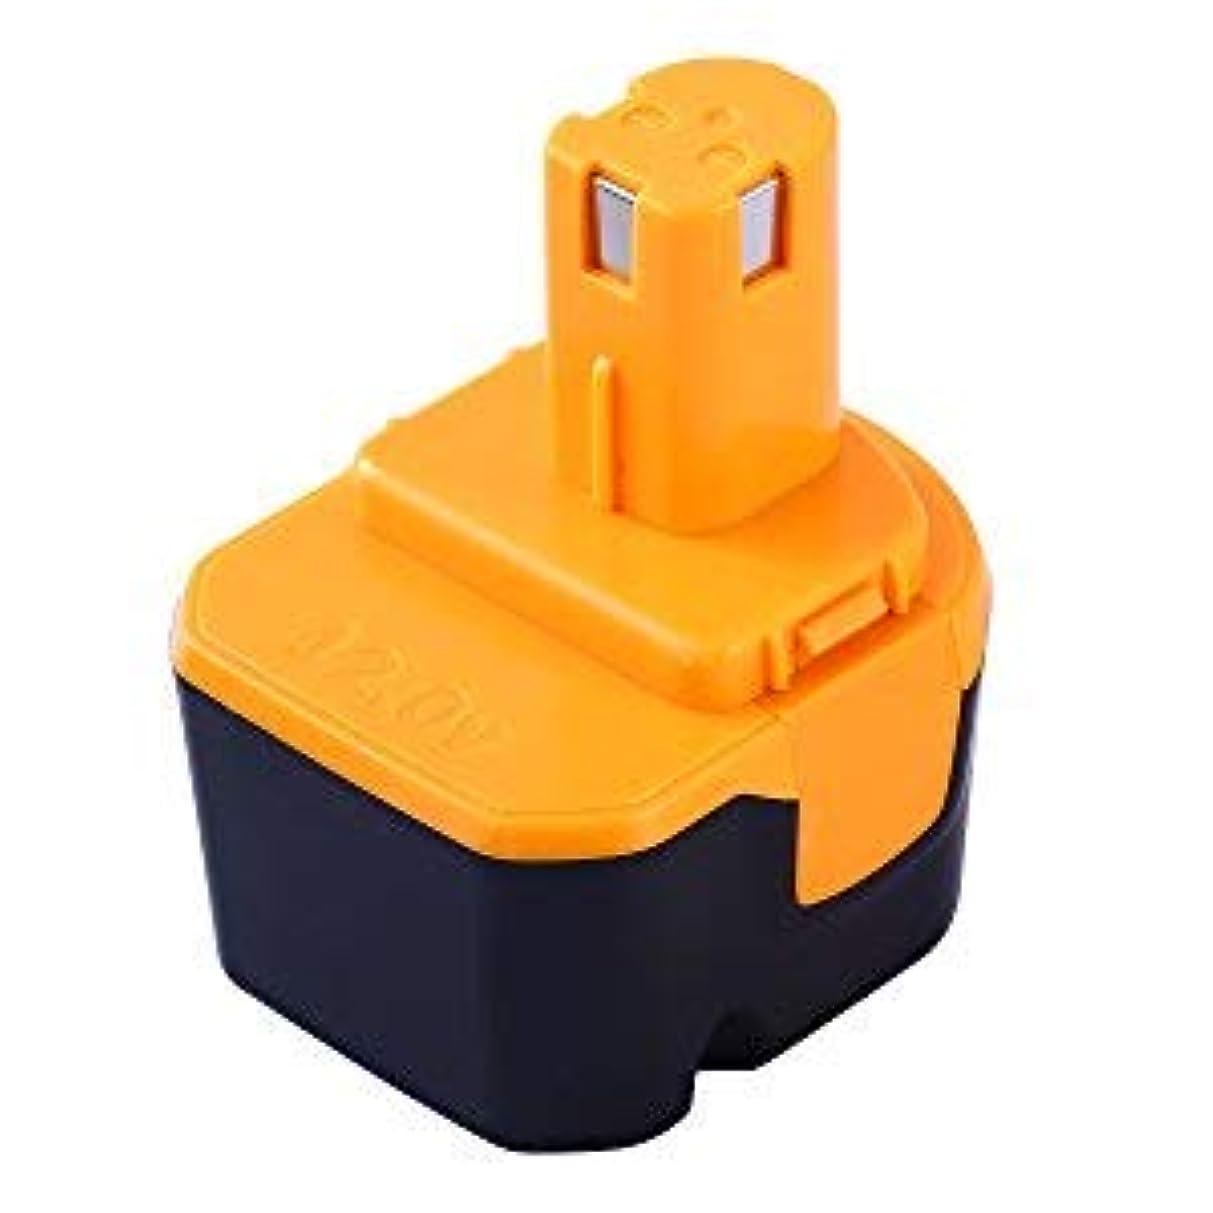 煙突状態連合リョービ Ryobi リョービバッテリー b-1203f2 b-1203m1 互換バッテリーリョービ 12vバッテリー 3000mAh 大容量 高品質の電動工具用互換バッテリー安心の1年間保証付きB-1203C B-1203F3 B-1203M1 BPL-1220 B-1220Fなど対応